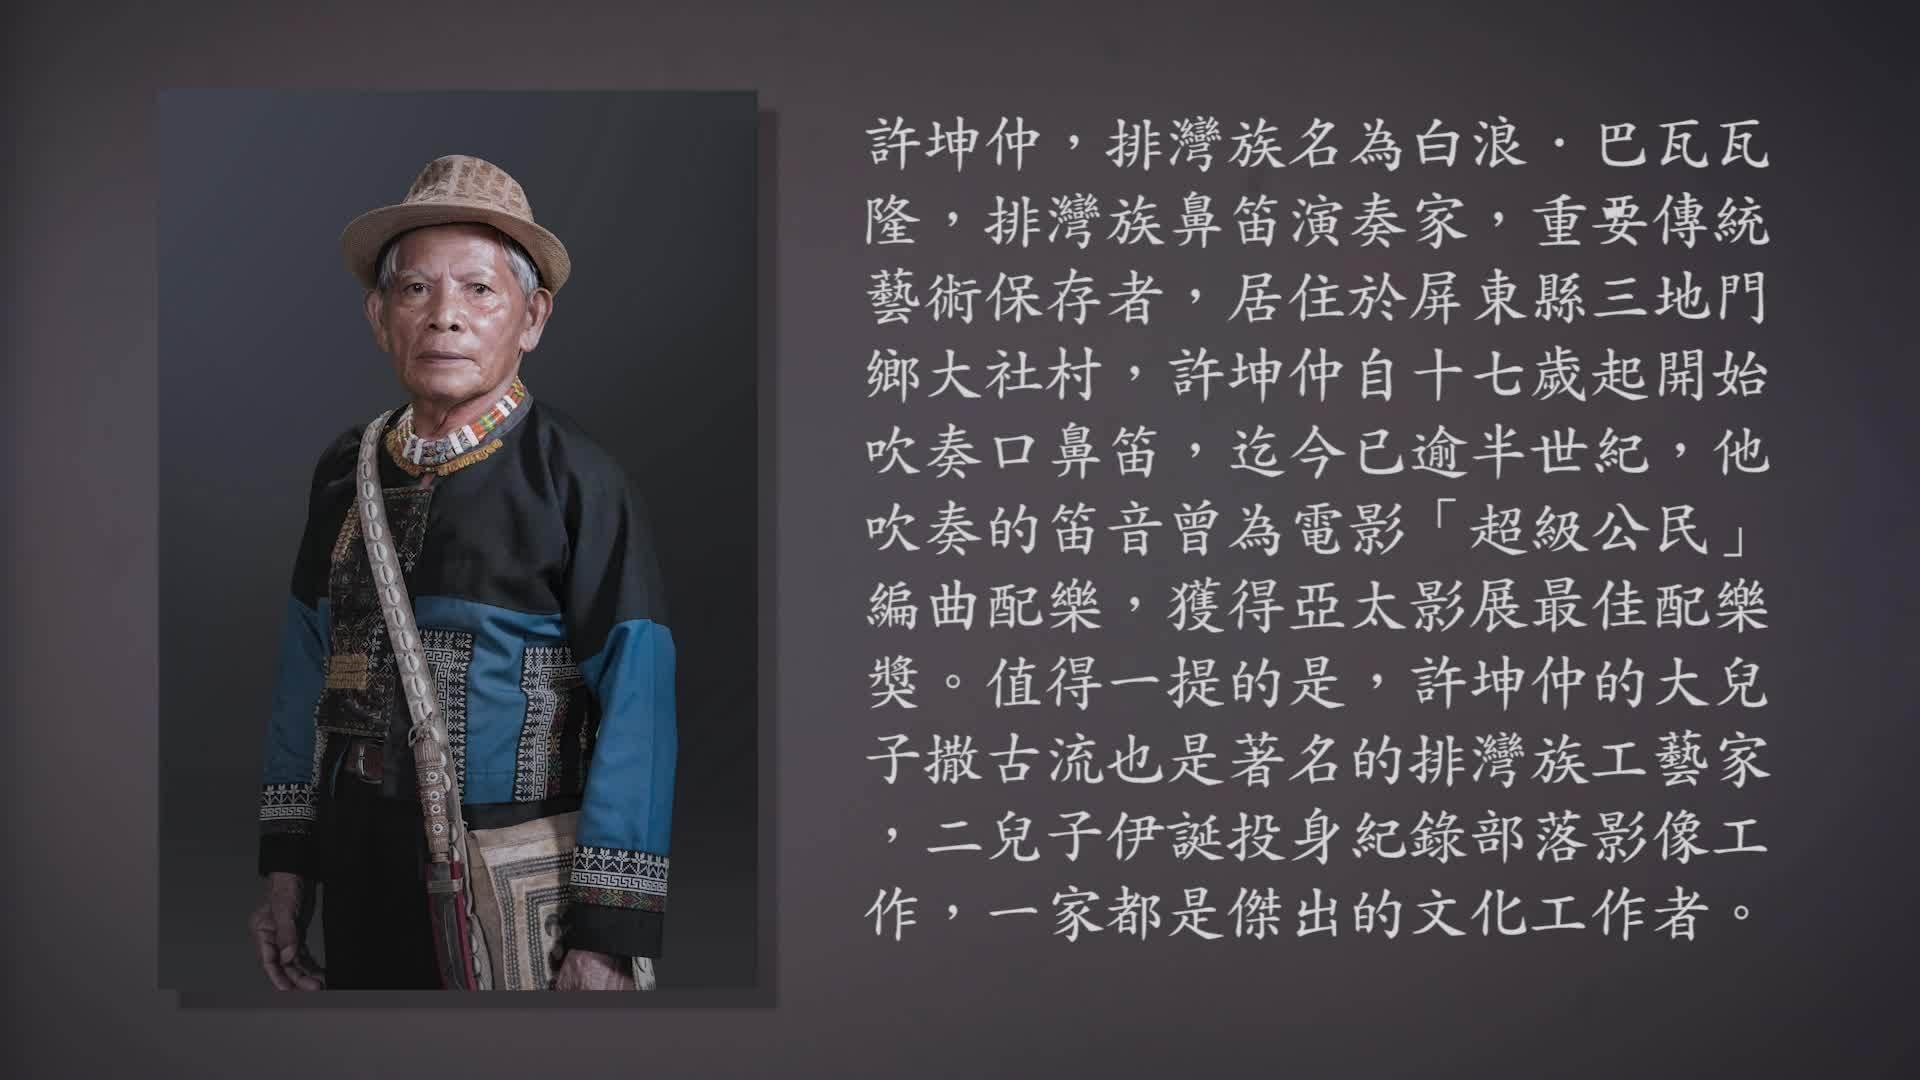 技藝.記憶-傳統藝術藝人口述歷史影像紀錄計畫-許坤仲精華片段